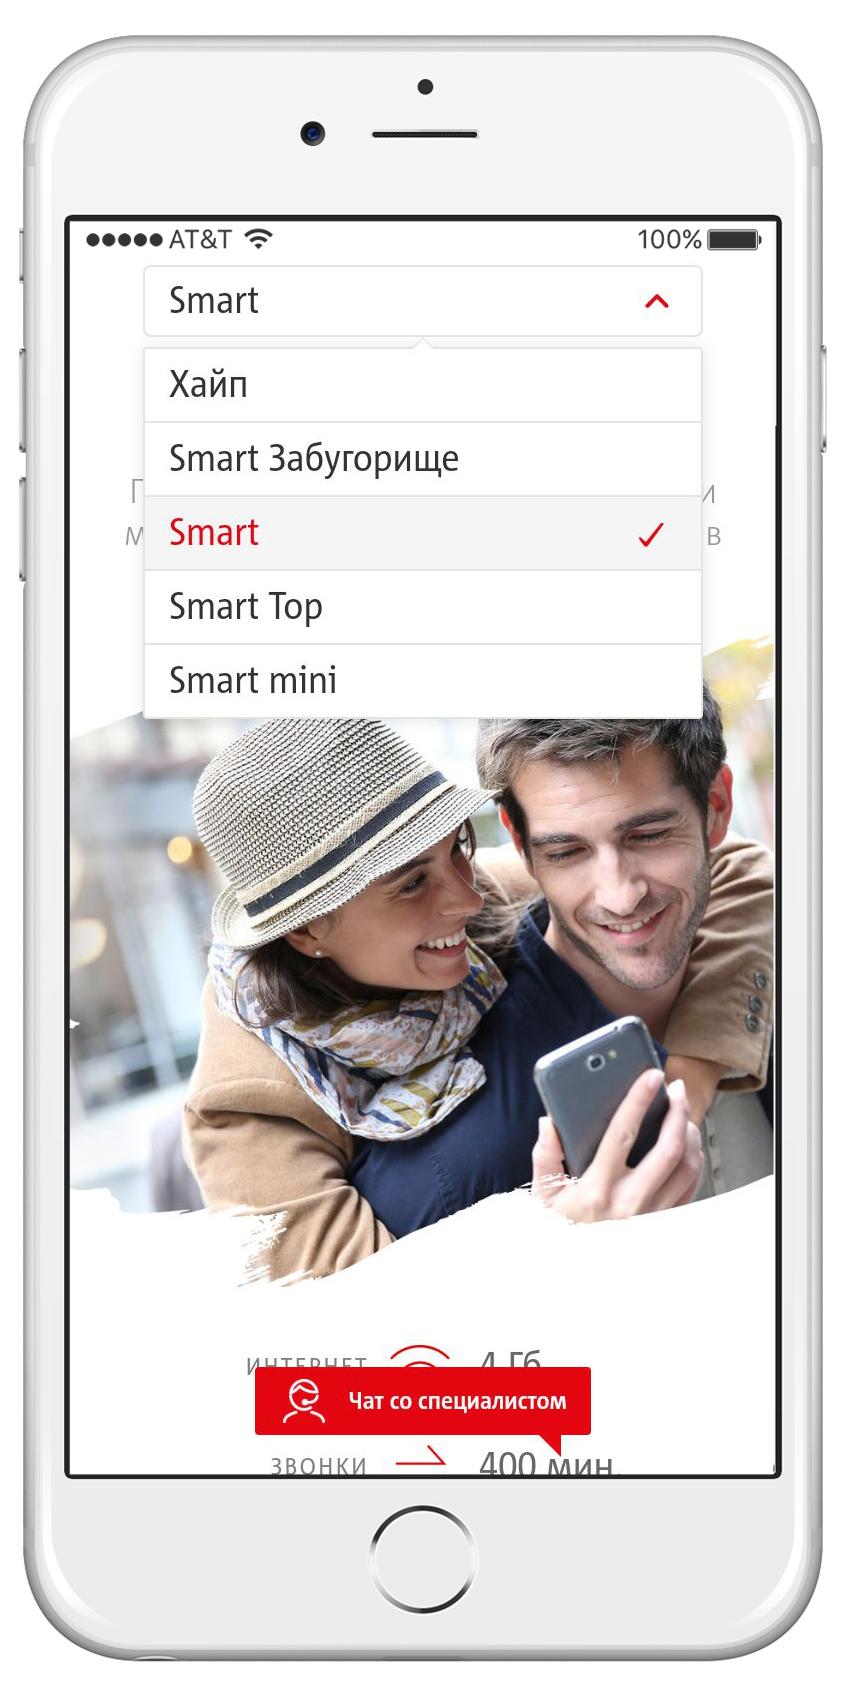 Новый дизайн мобильной версии сайта МТС